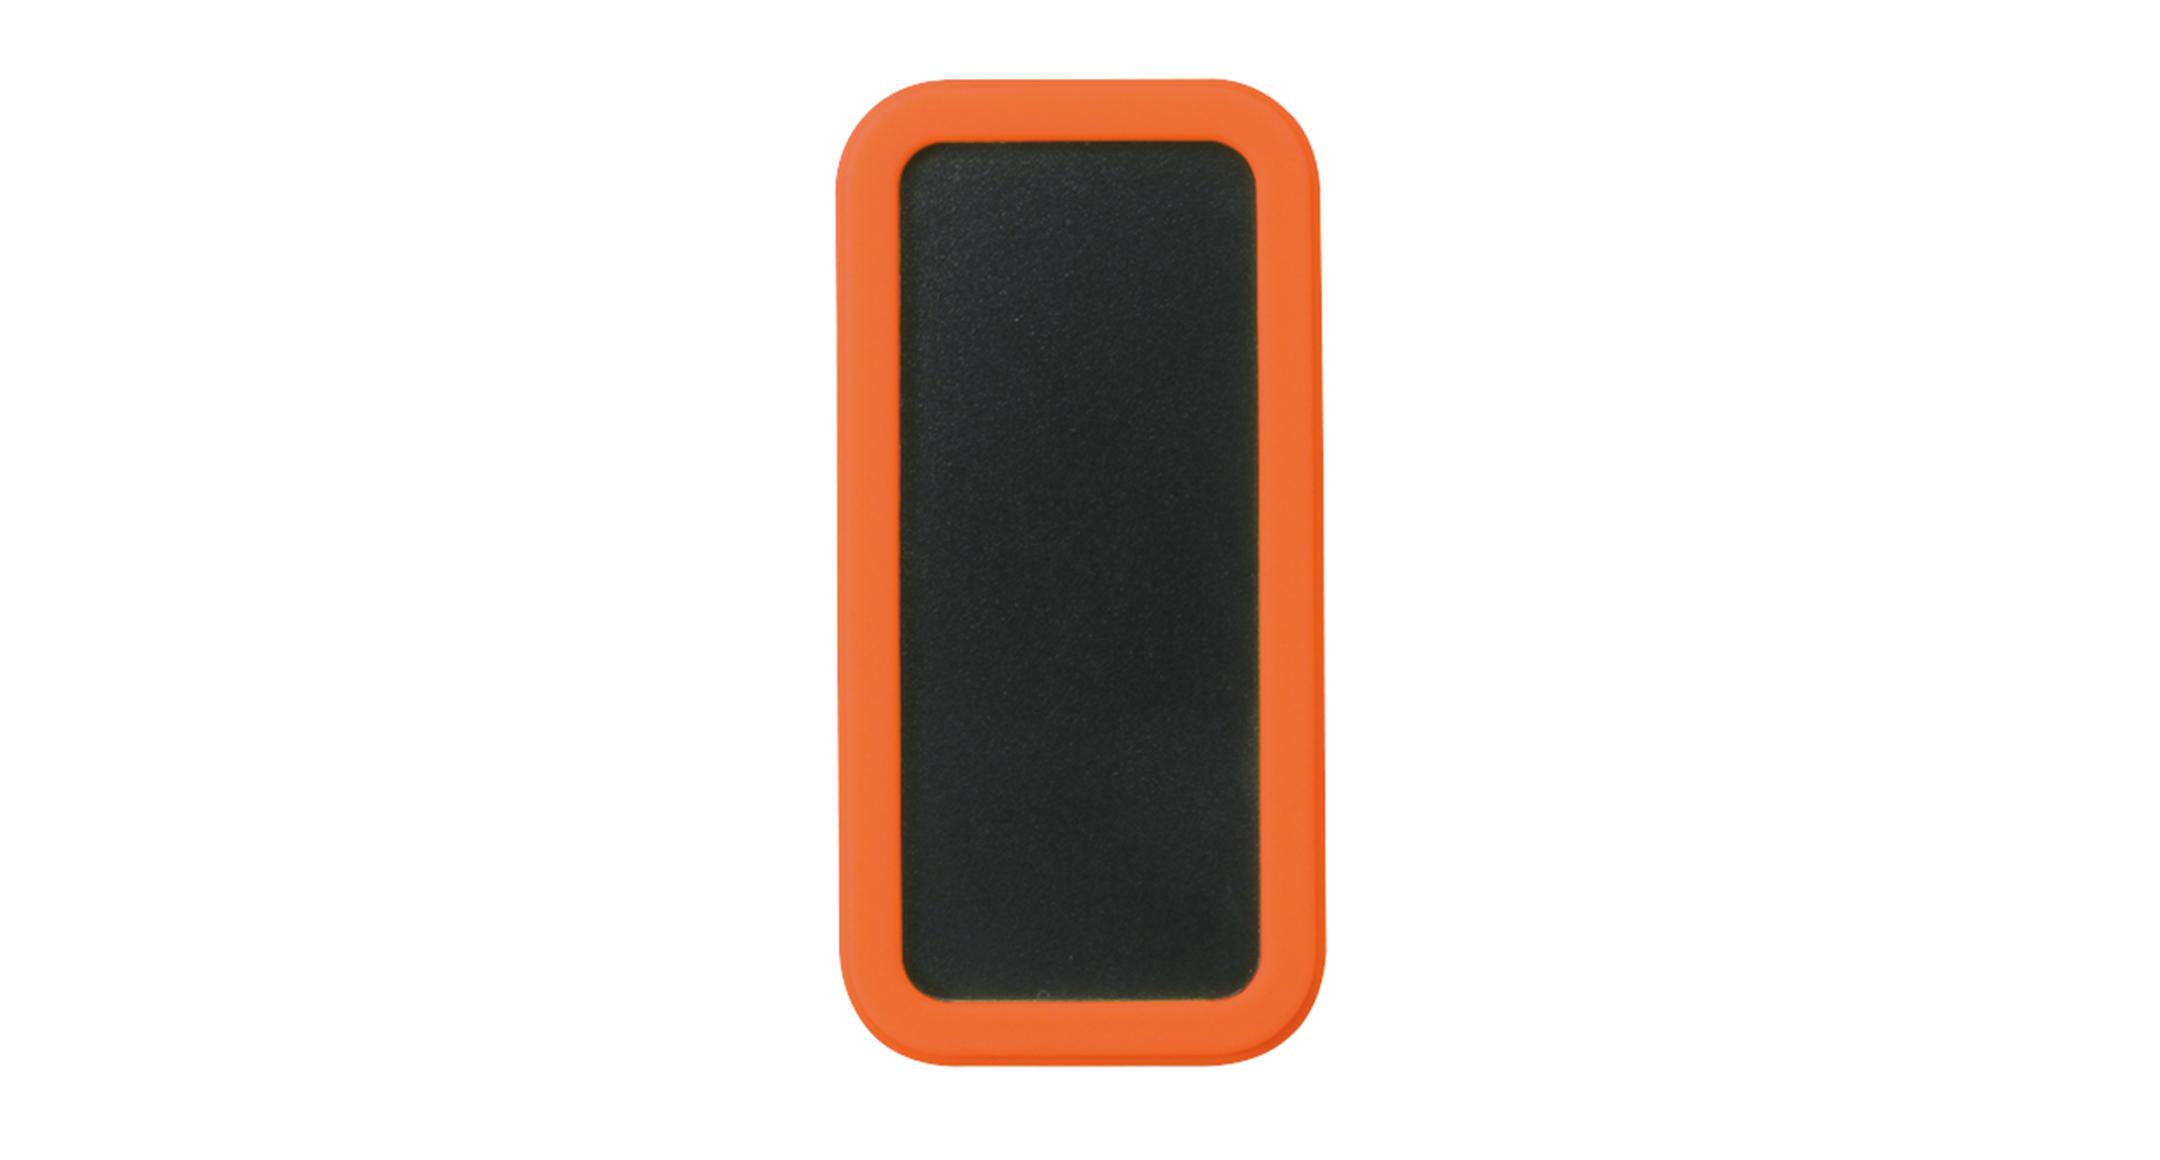 シリコンカバー付ポータブルケース CSSシリーズ:ブラック/オレンジの画像